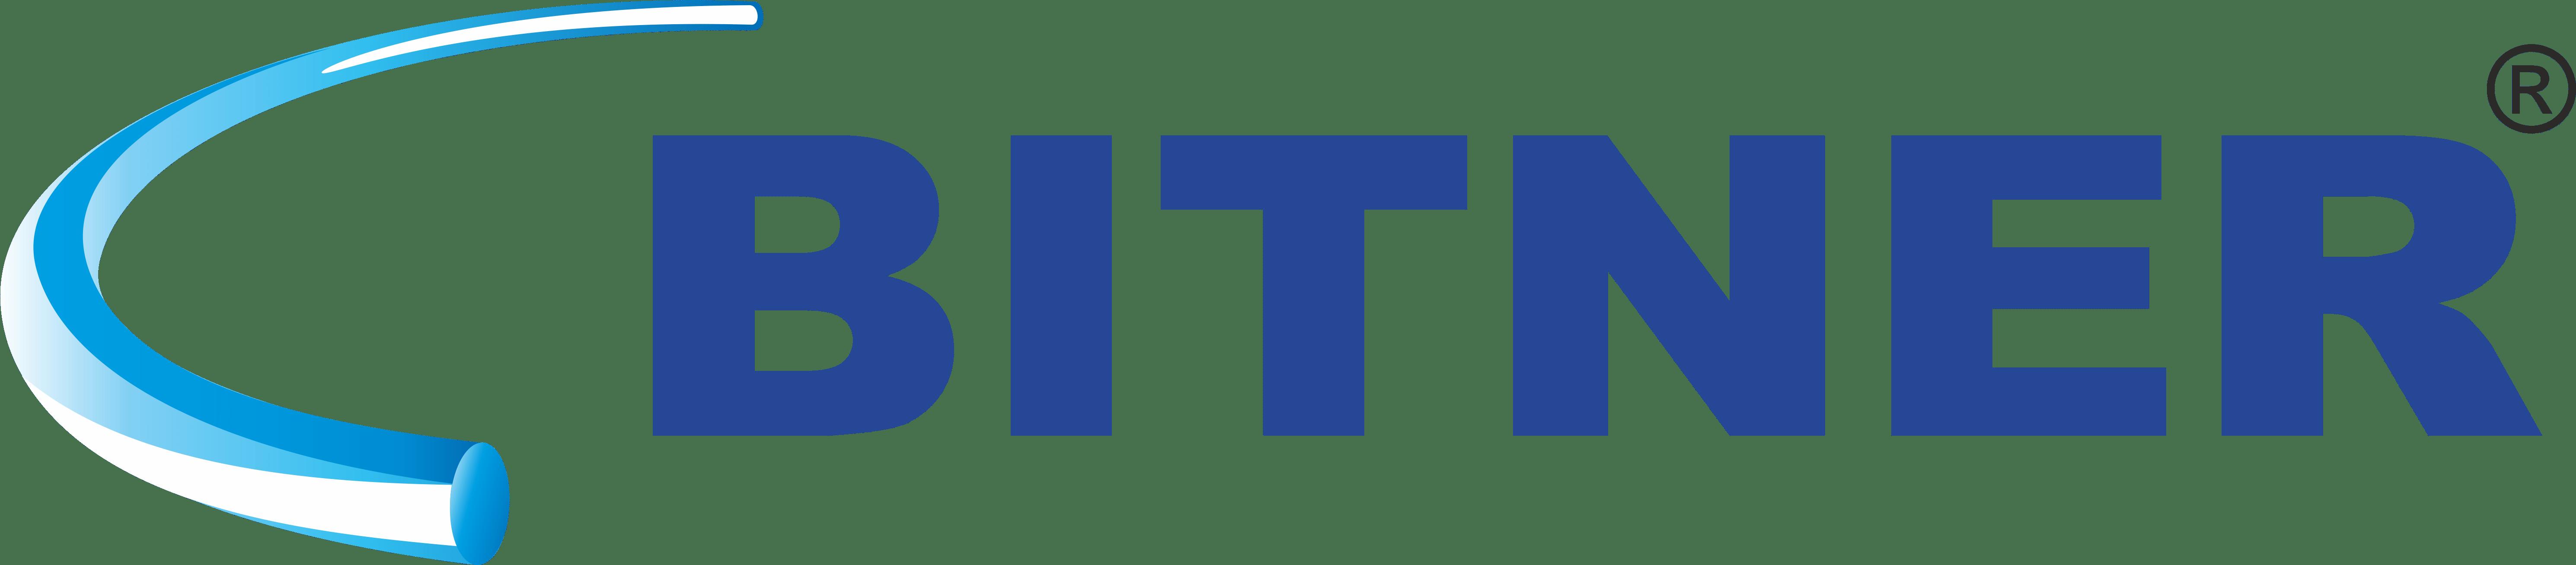 Bitner logo_